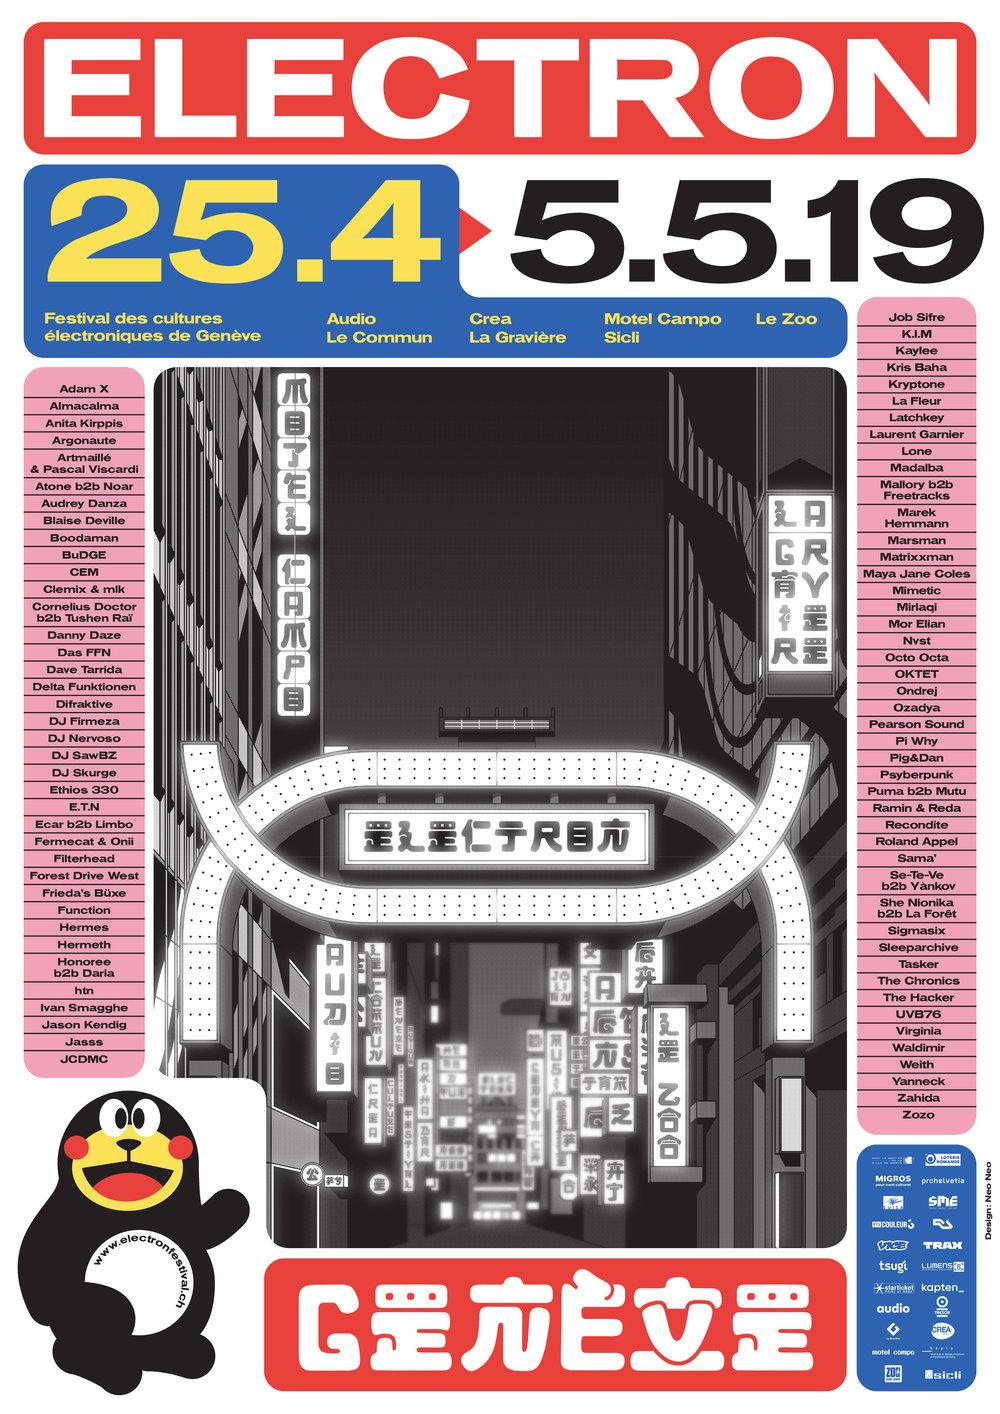 electron_A3.jpg